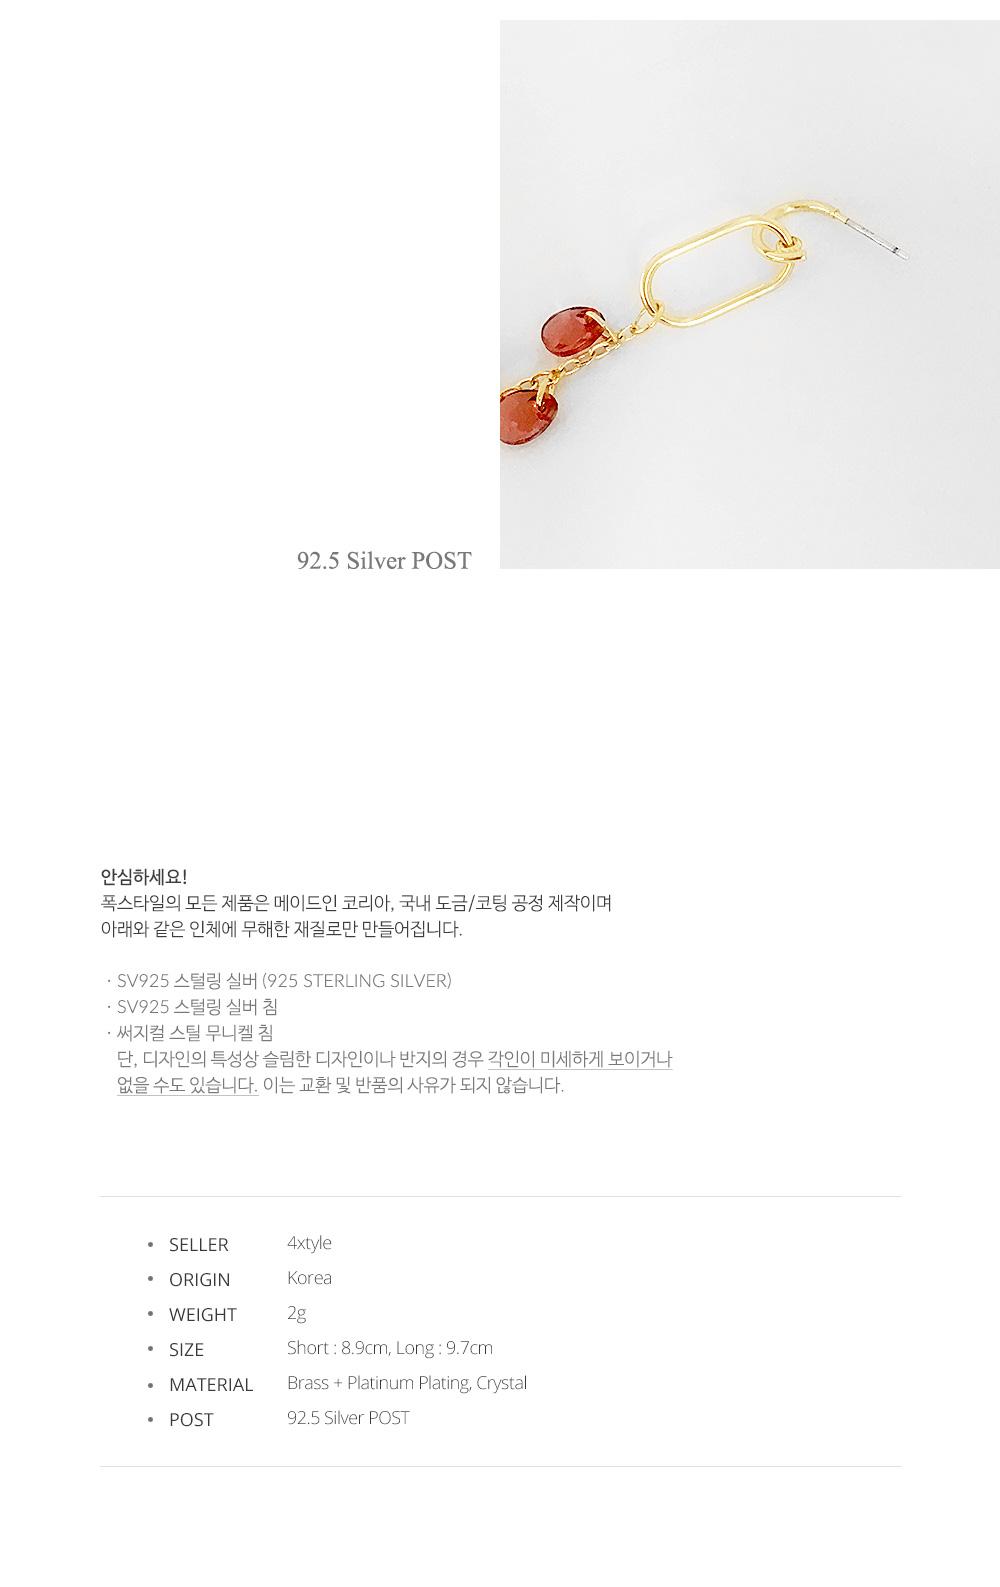 [은침] 플롯 크리스탈 롱 귀걸이 - 폭스타일, 13,000원, 진주/원석, 드롭귀걸이